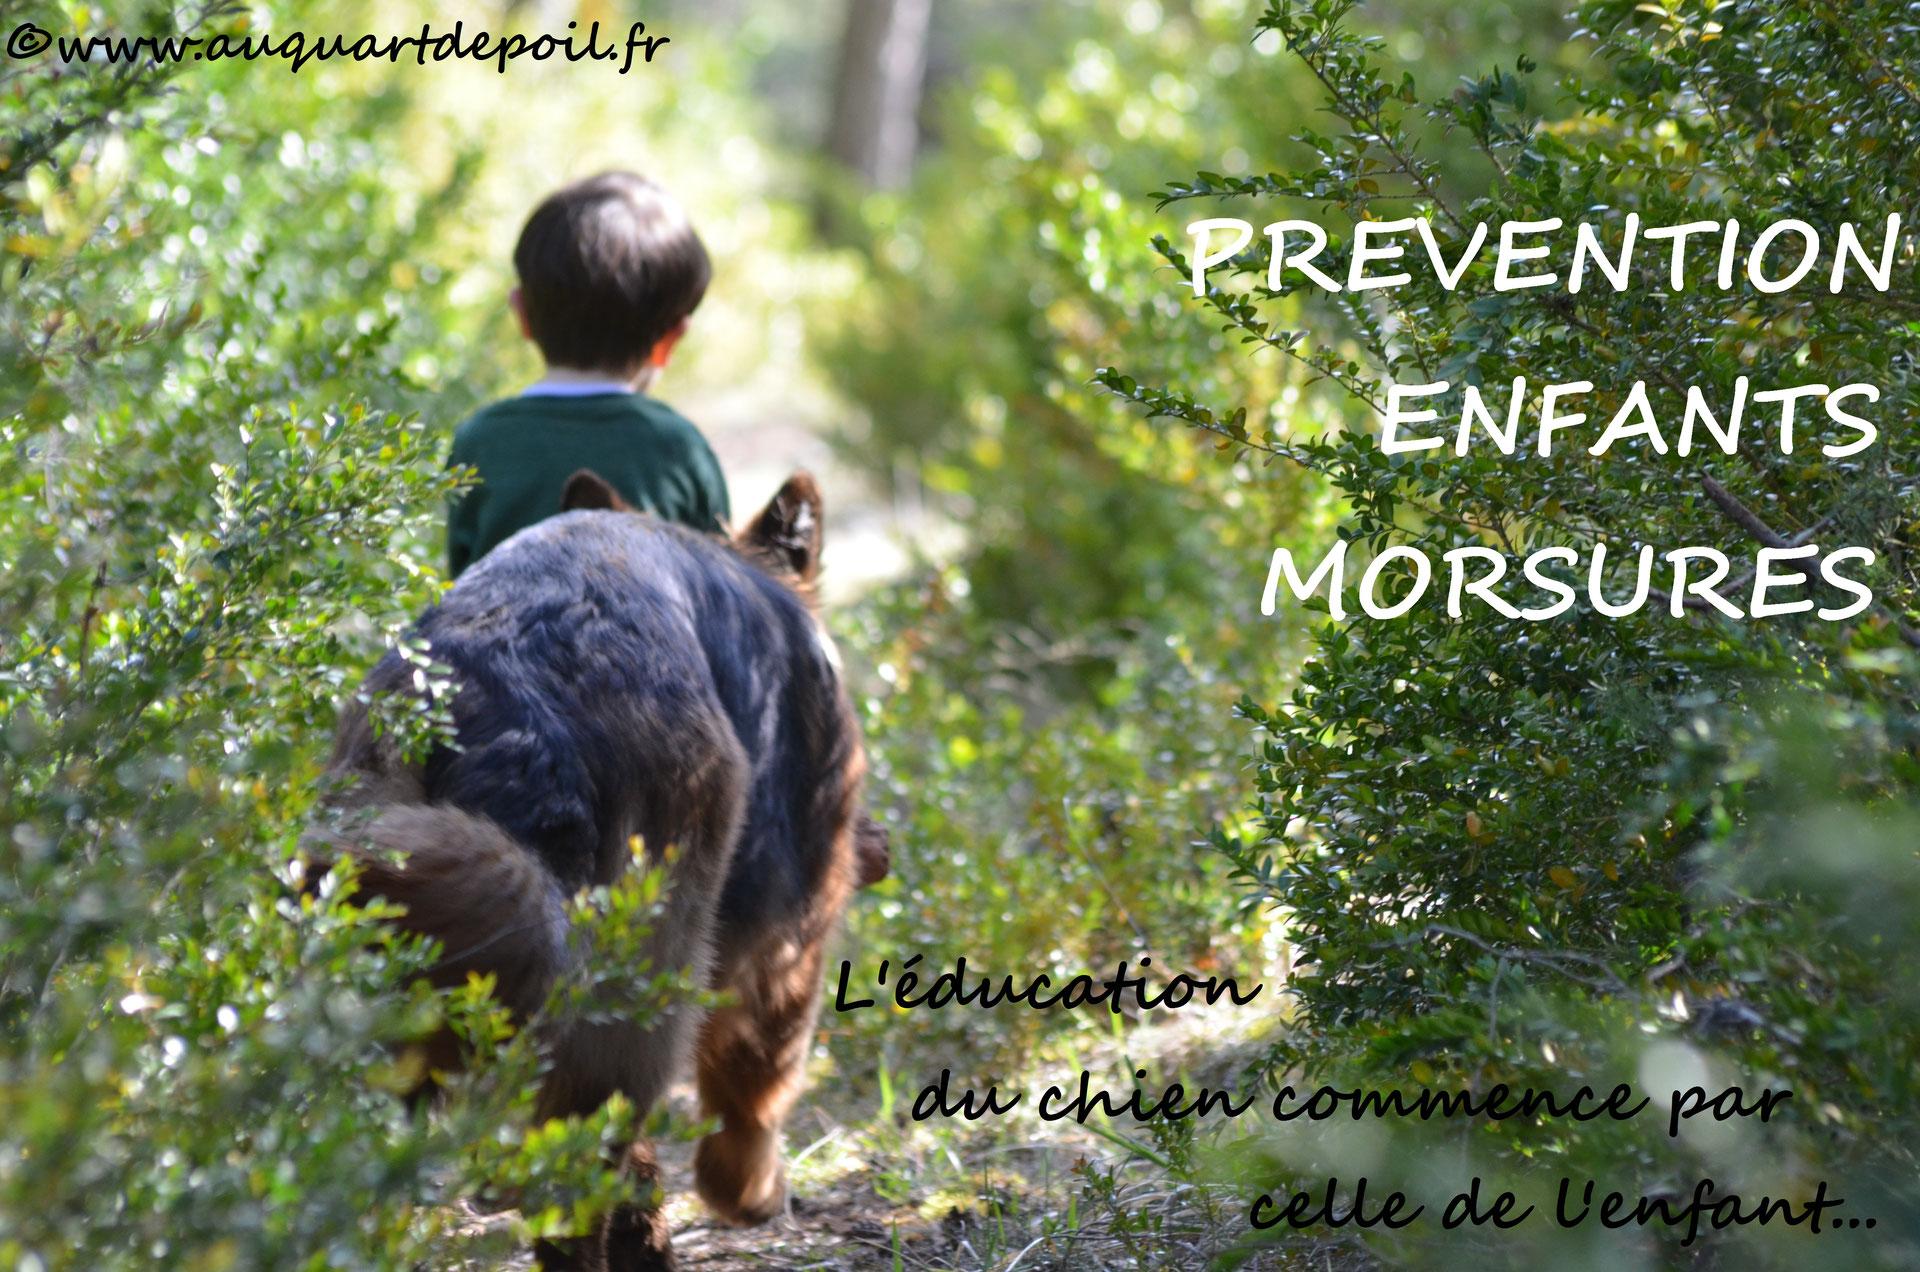 (c) Auquartdepoileducateurcaninrennes.fr